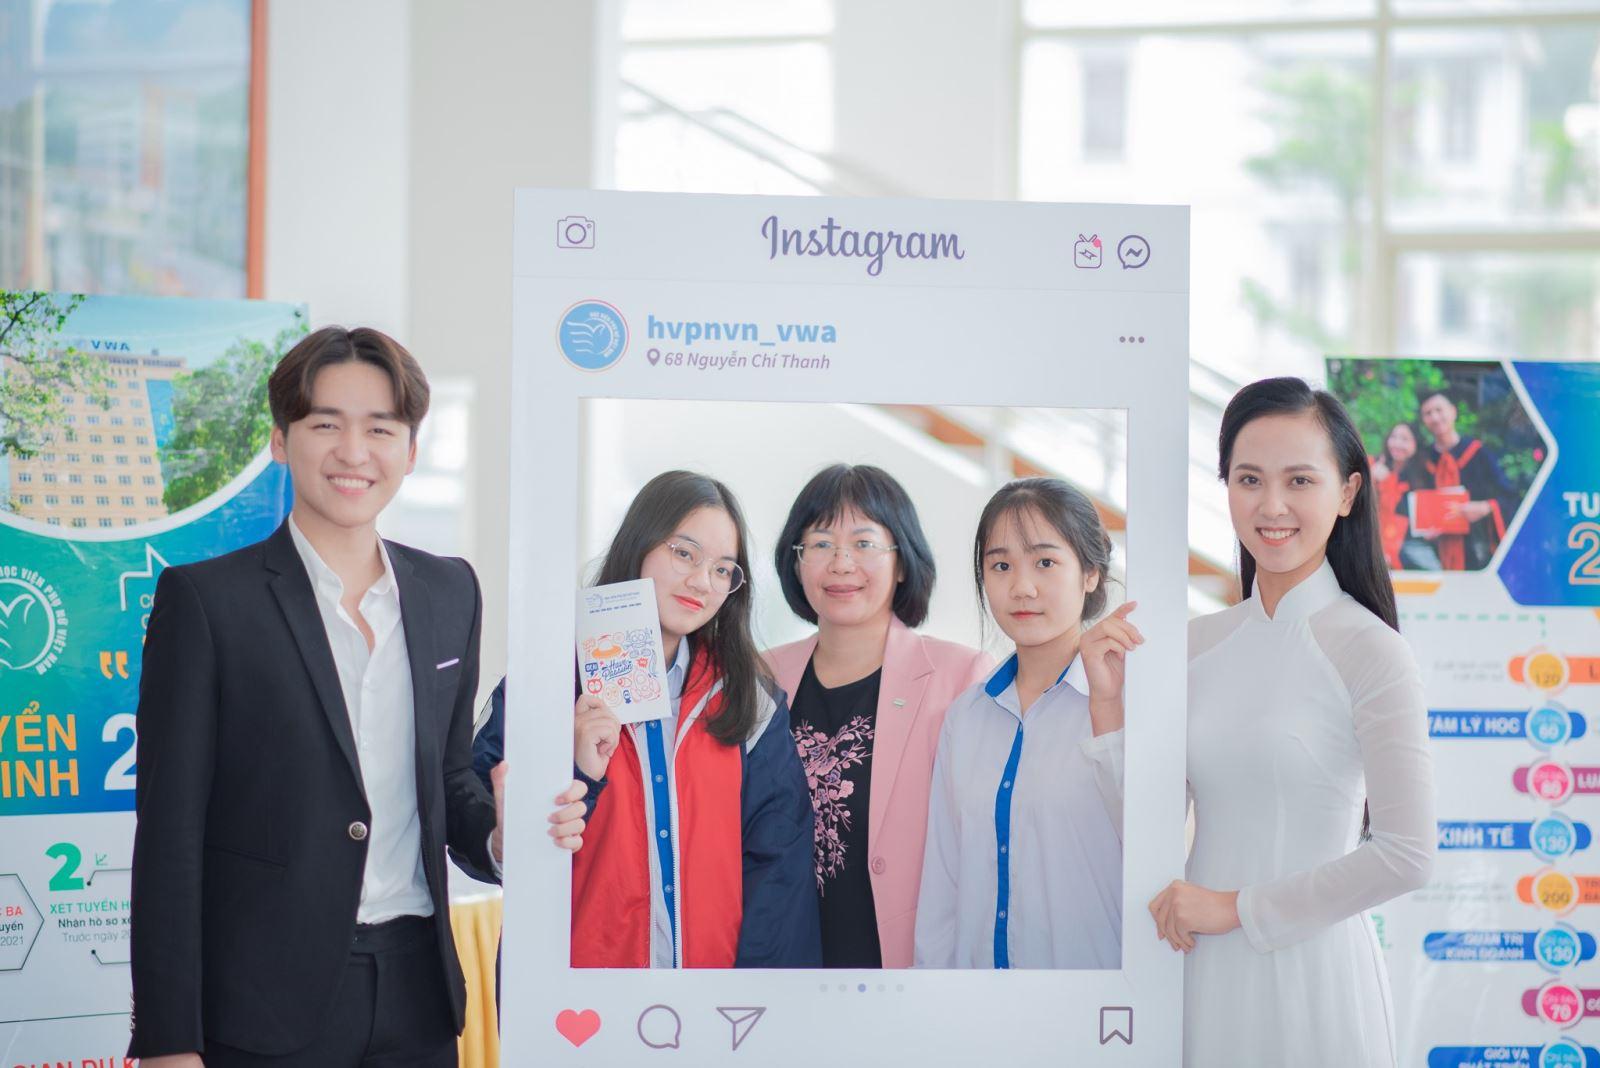 Học viện Phu nữ Việt Nam tham gia ngày hội Tư vấn hướng nghiệp tai tỉnh Quảng Ninh